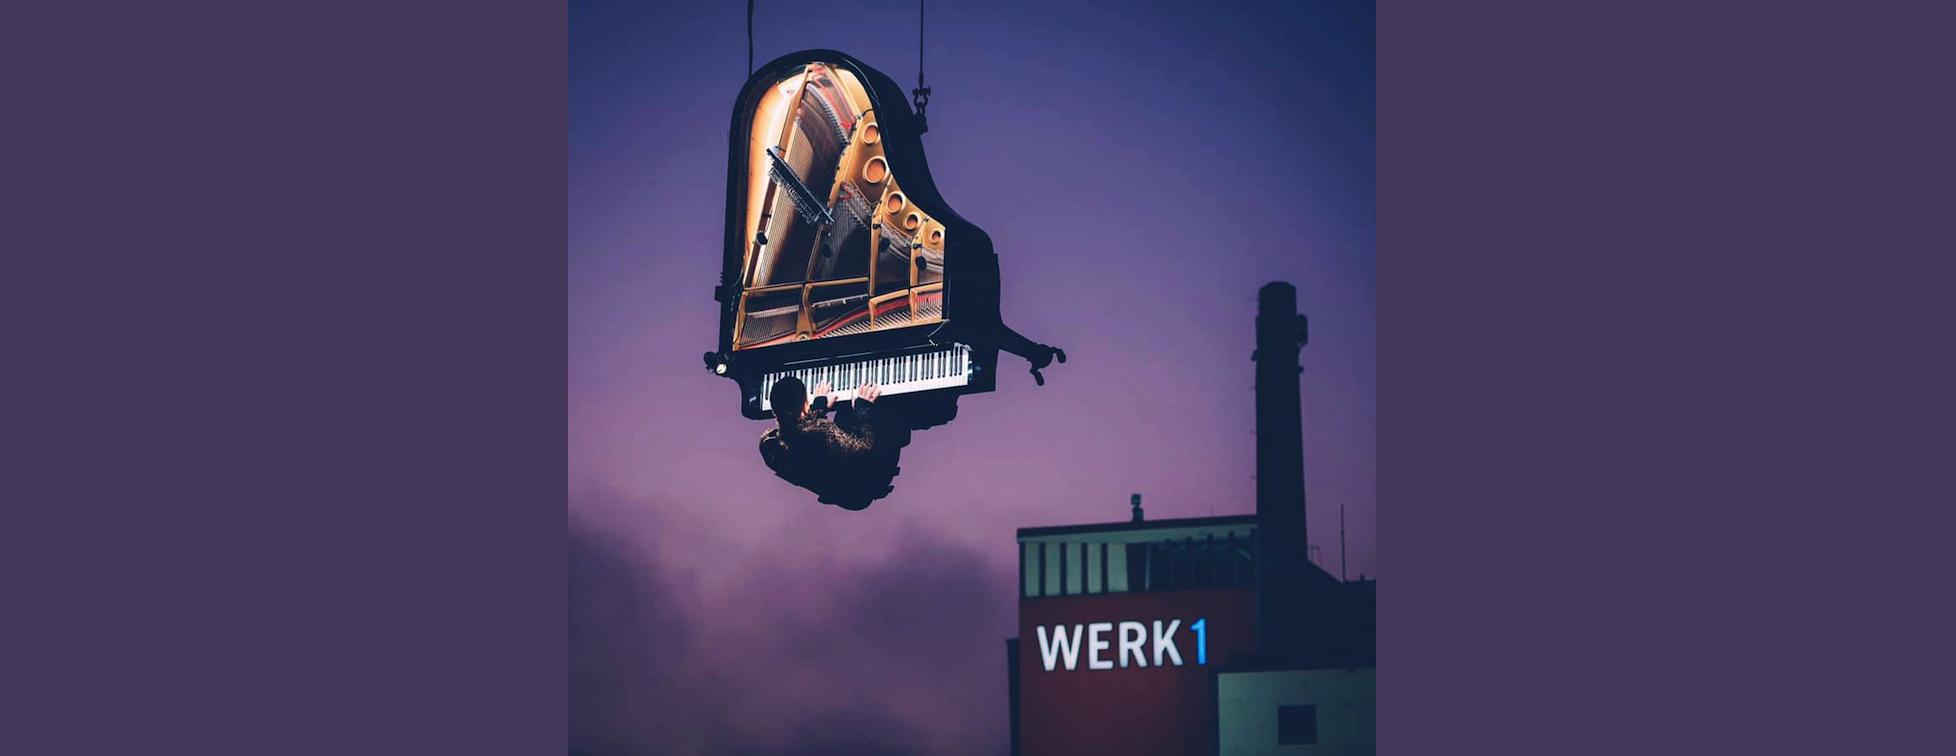 Performance: Il joue du piano suspendu à 60 mètres du sol